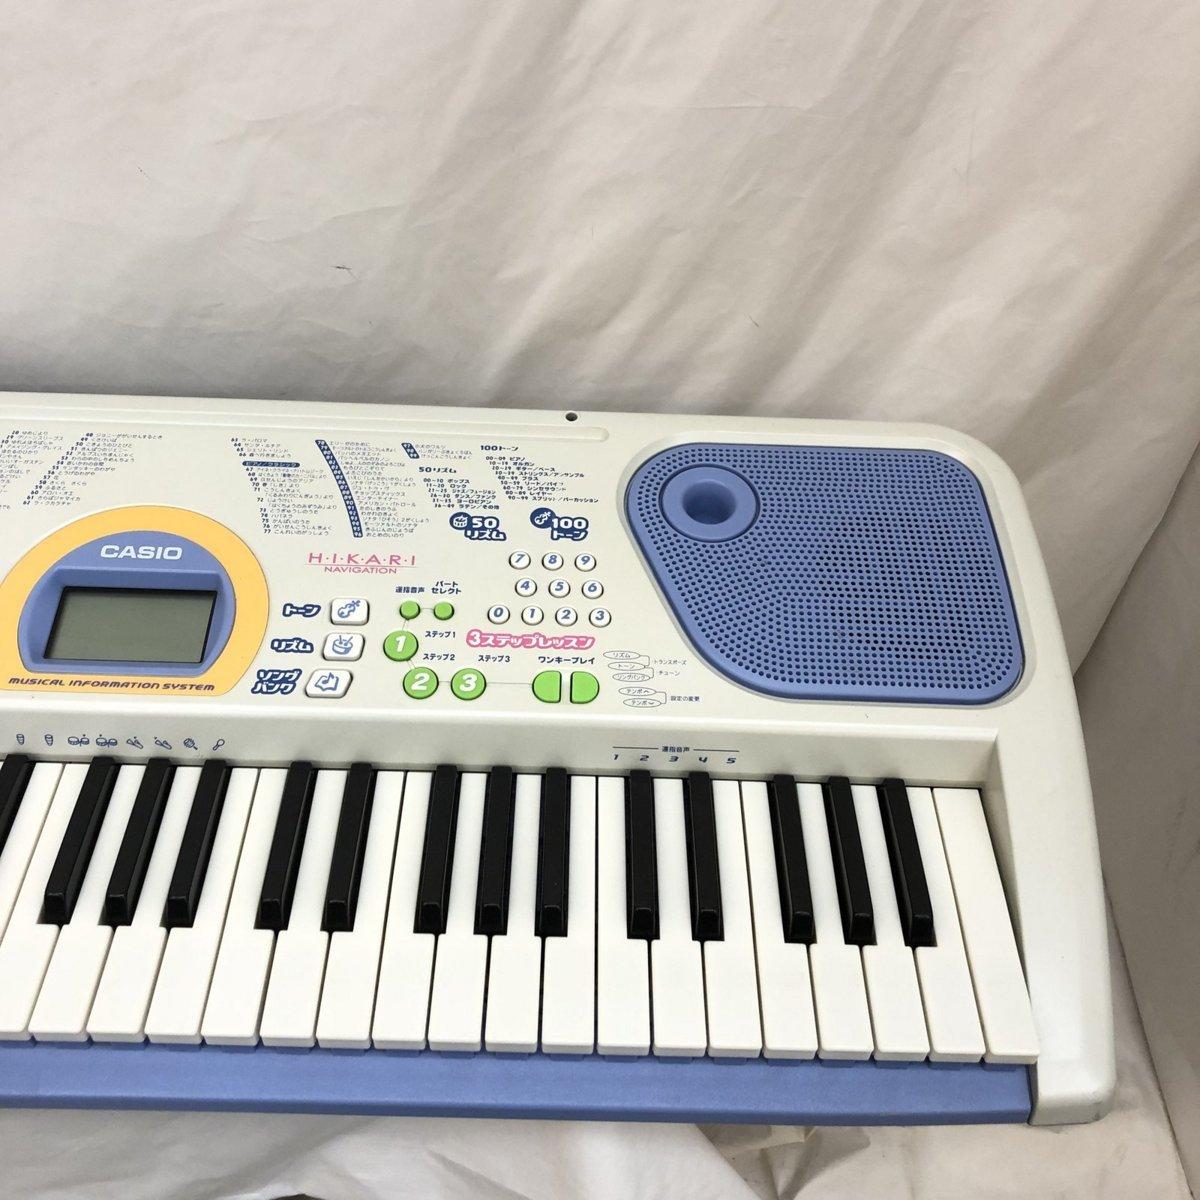 中古 CASIO カシオ 電子キーボード 光ナビゲーション LK-101 61鍵盤 グレー ブルー ポップカラー 電子ピアノ 鍵盤楽器 H15605_画像7